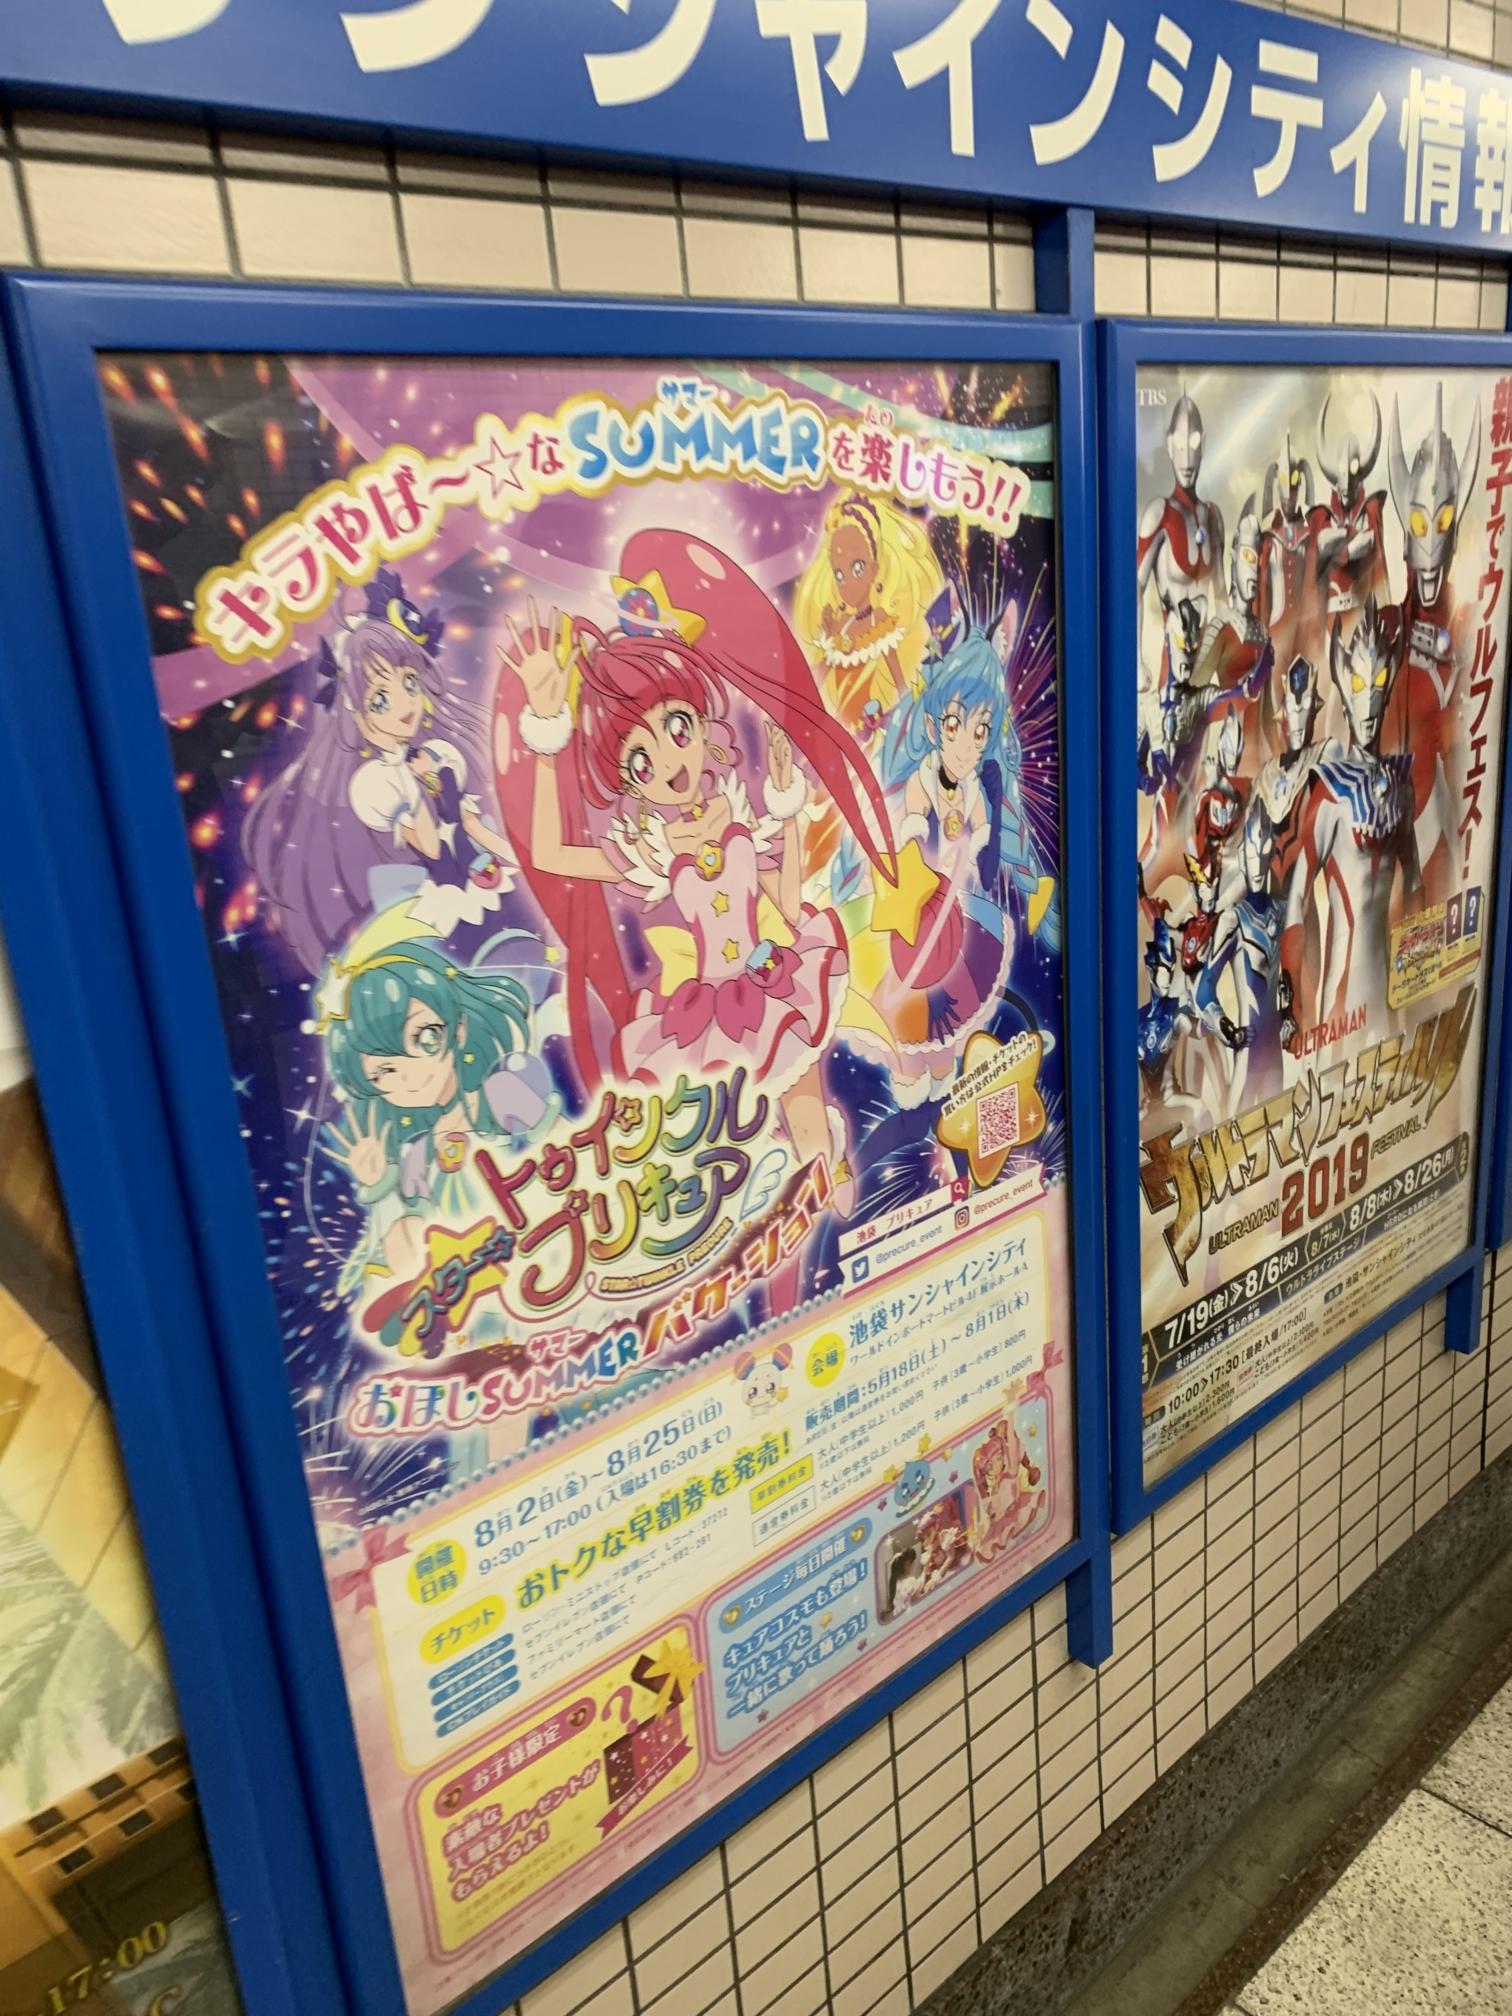 スター☆トゥインクルプリキュア おほしSUMMERバケーションの看板